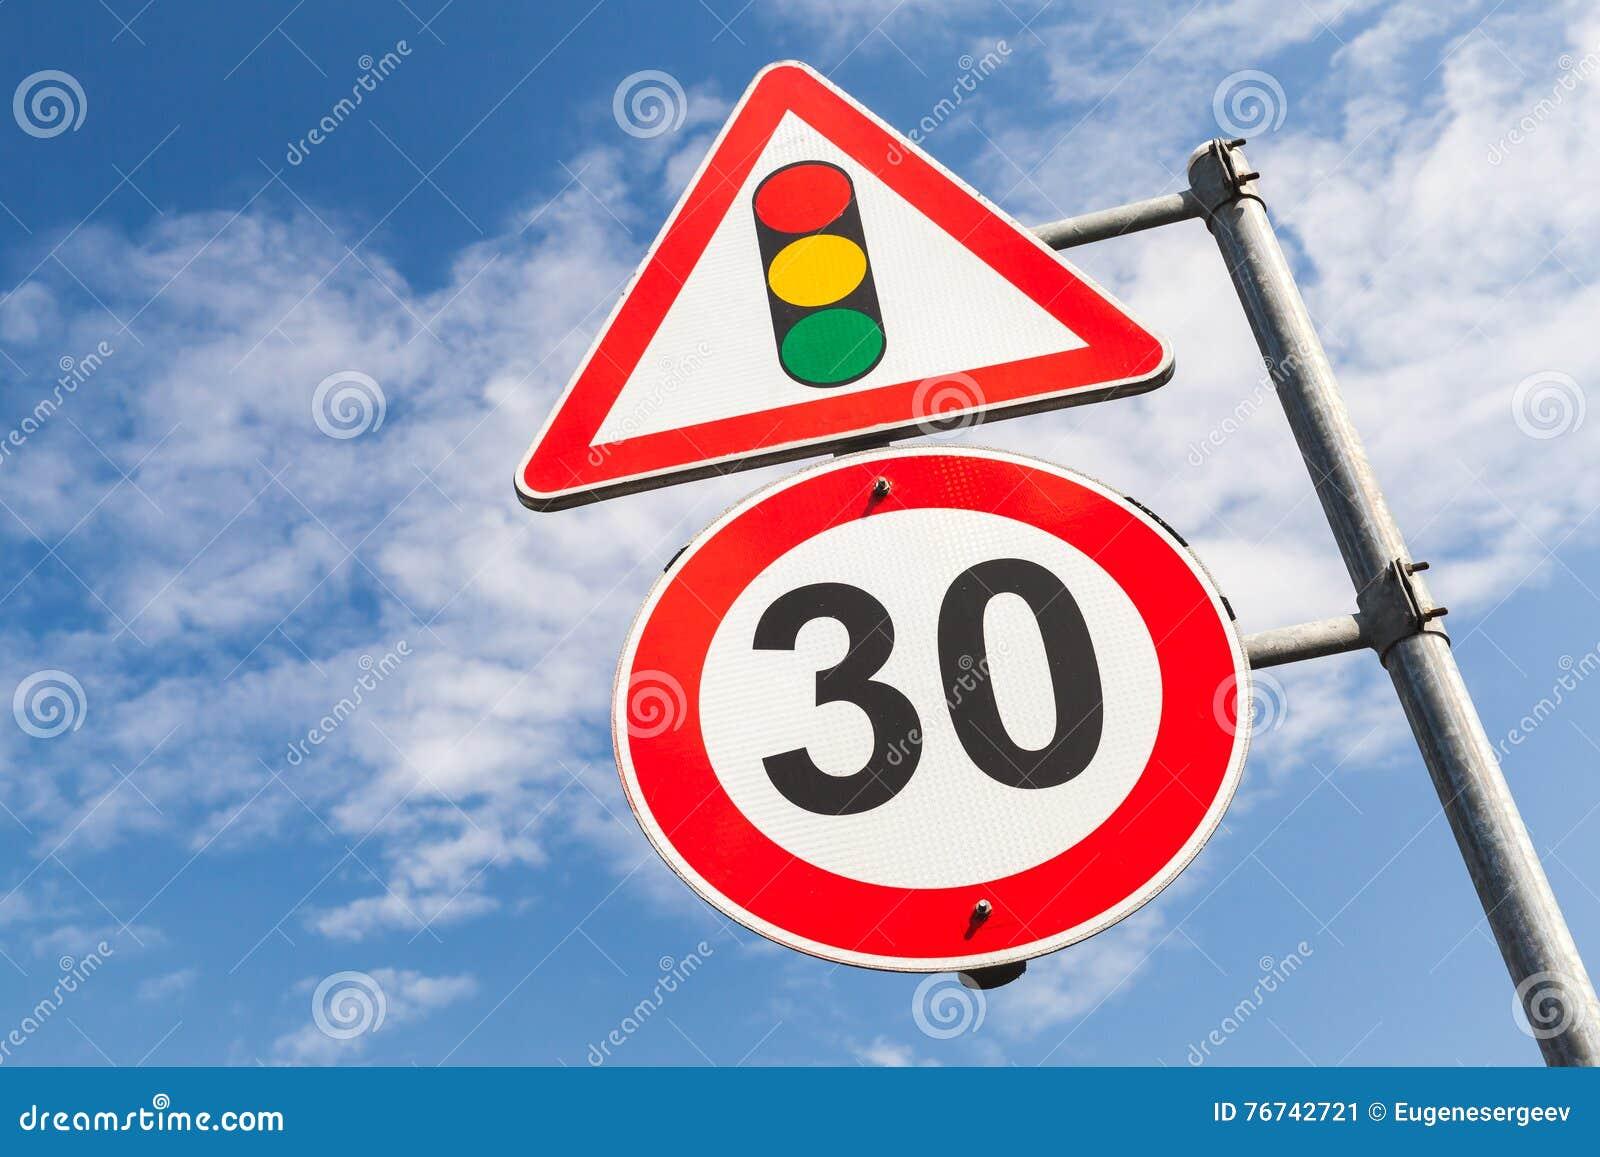 Verkeerslichten en maximum snelheid 30 km per uur